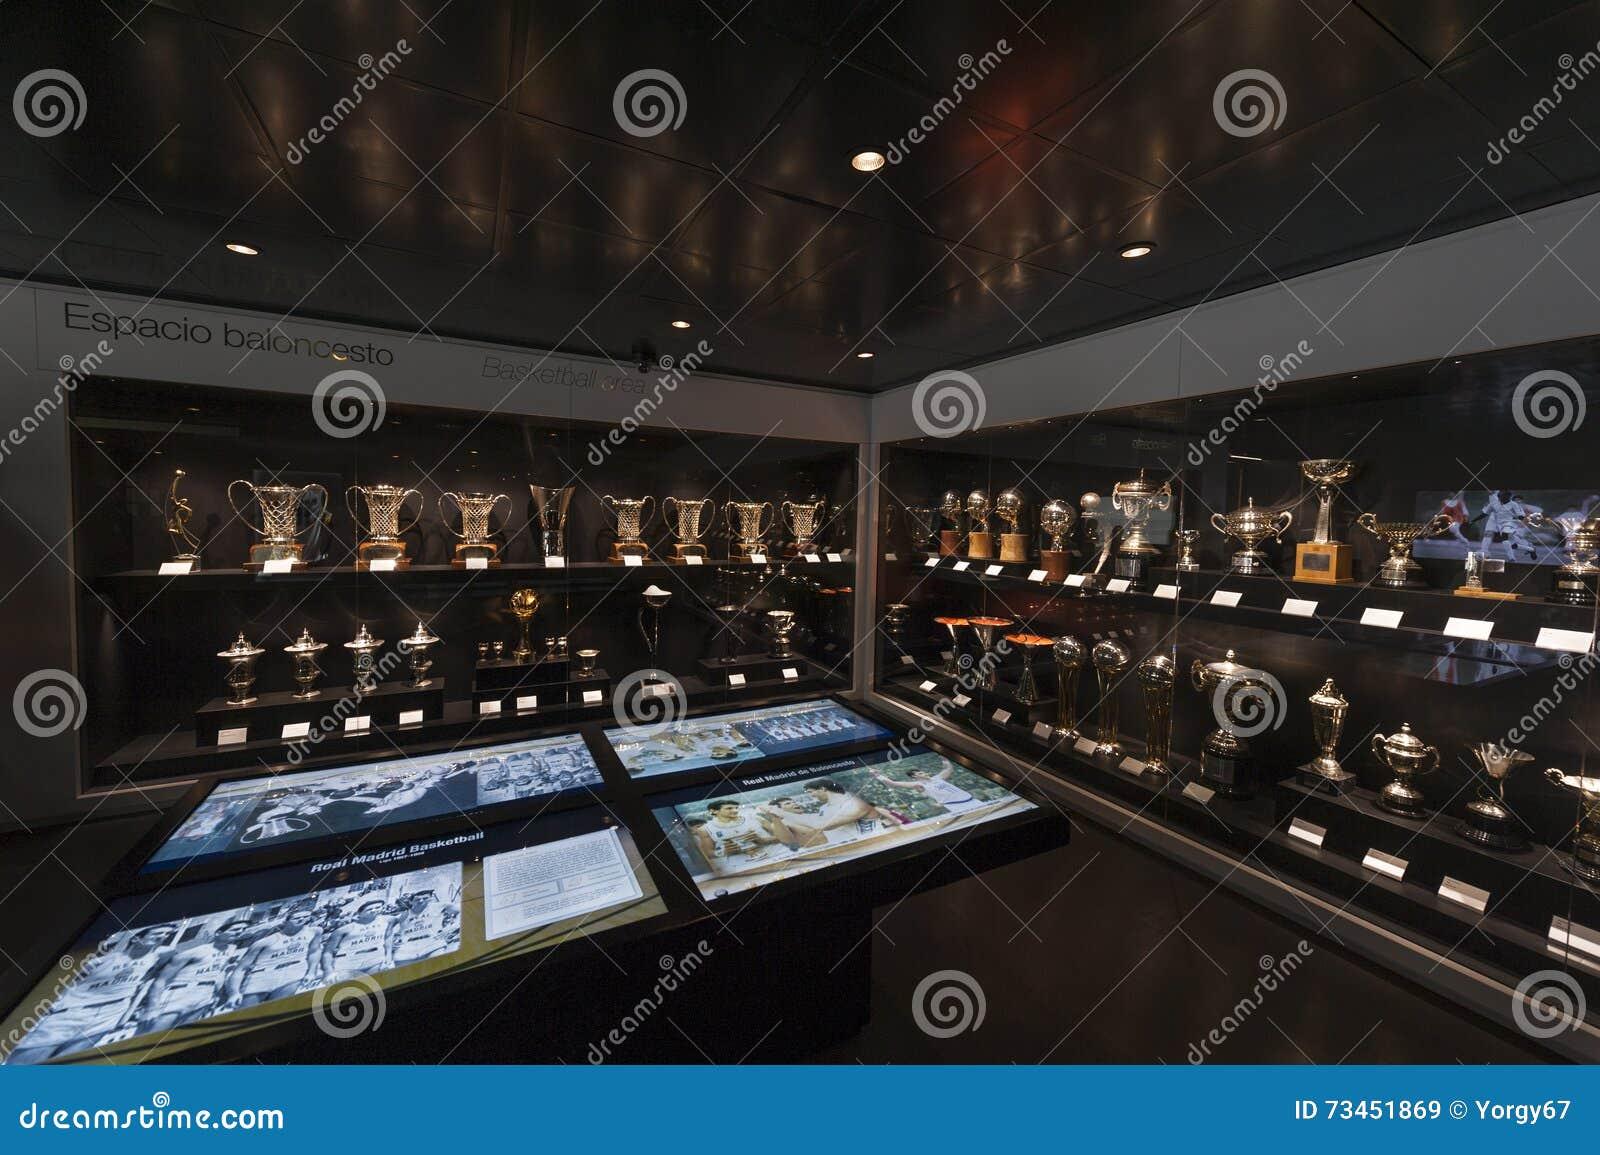 Museo Real Madrid.En Museo Del Real Madrid Imagen De Archivo Editorial Imagen De